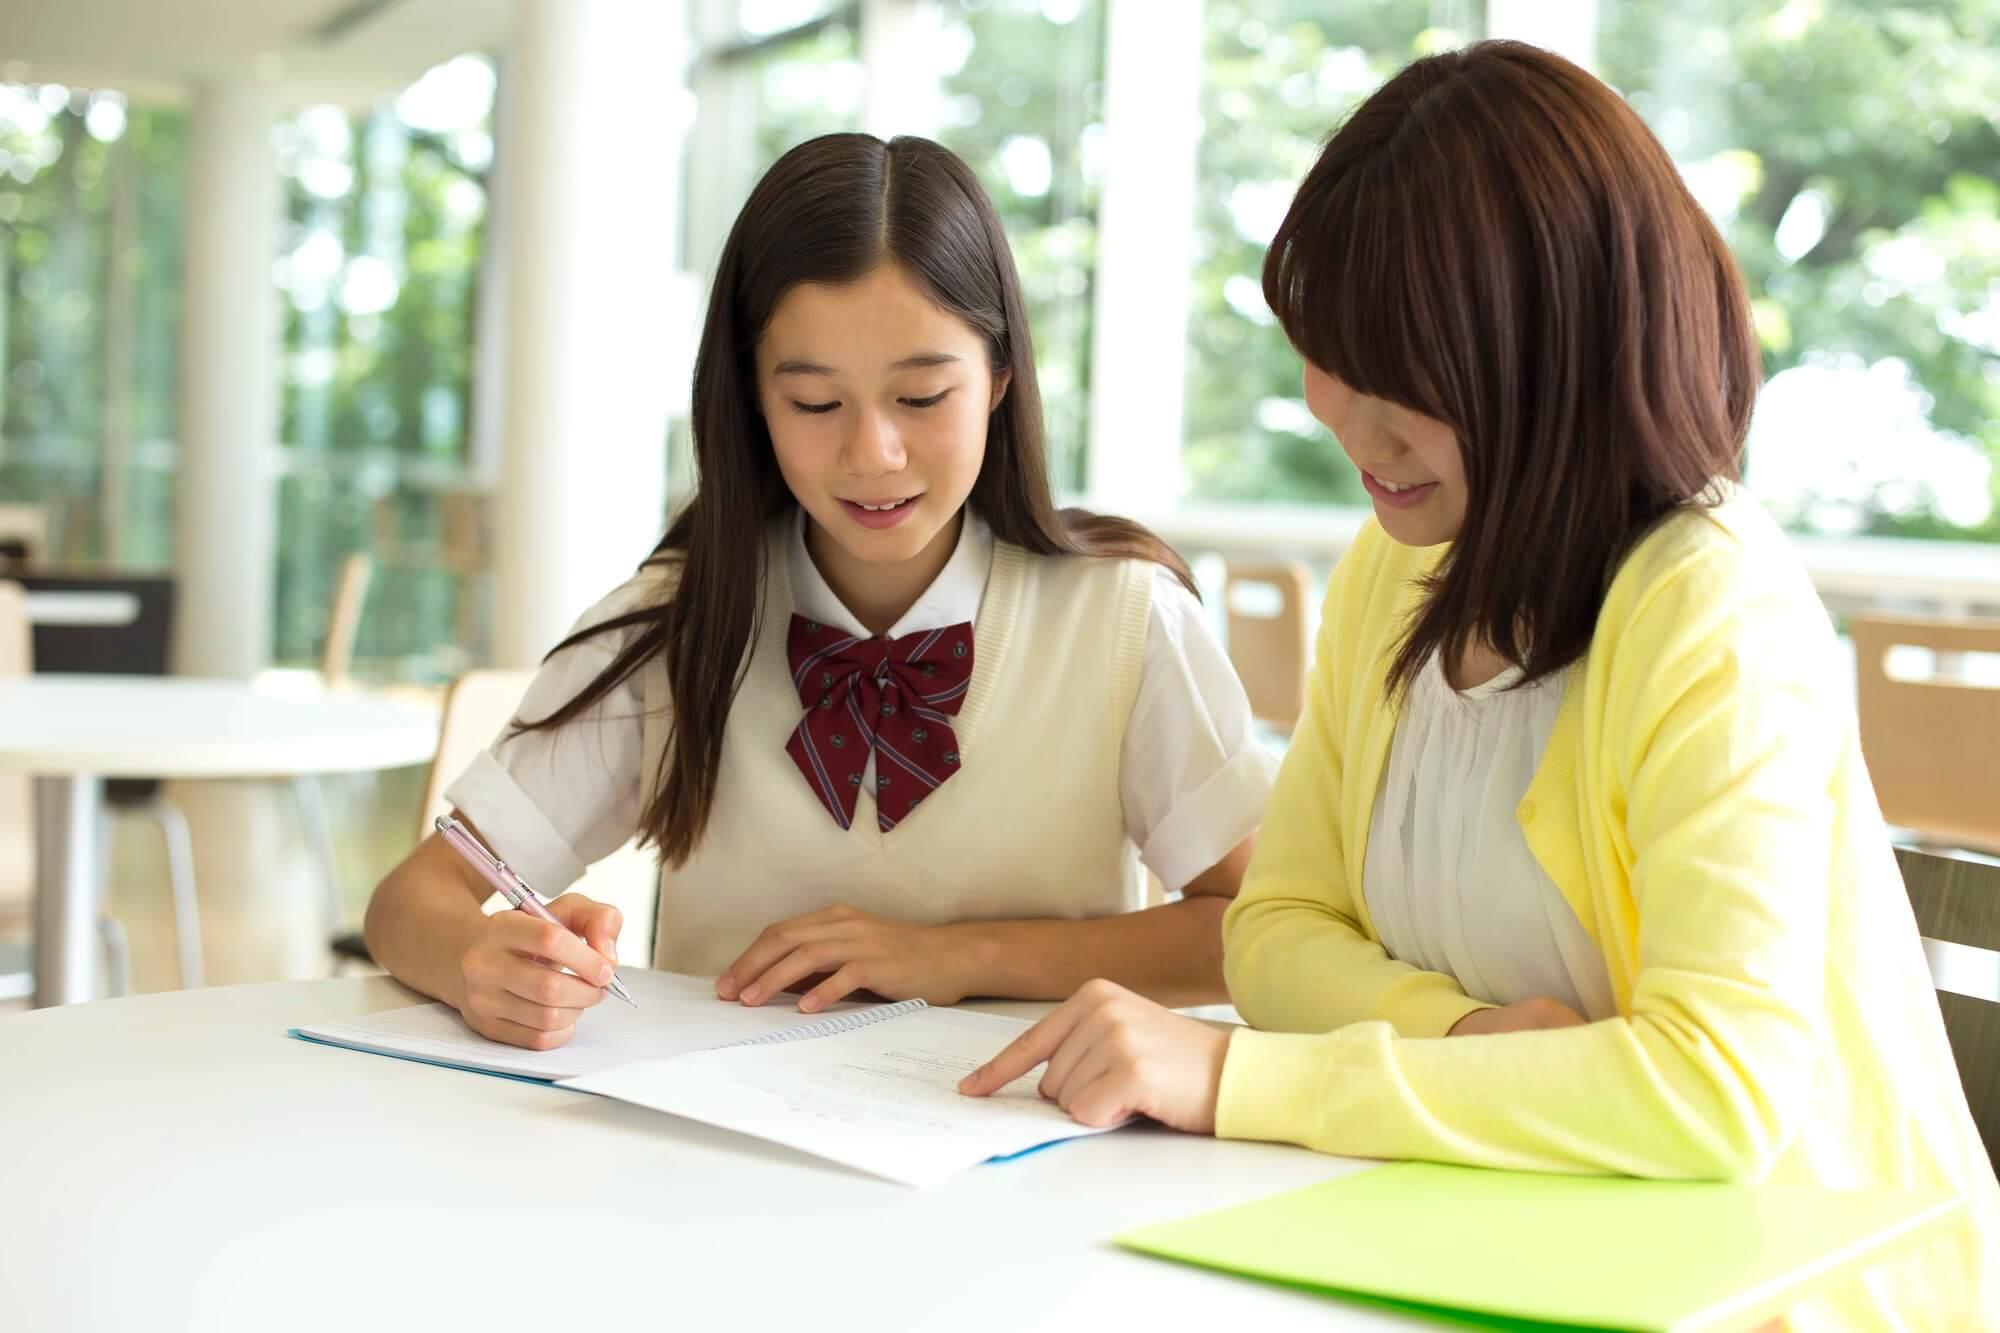 FromAしよ!! 初めてバイトする大学生にオススメの仕事10選。将来きっと役に立つ!